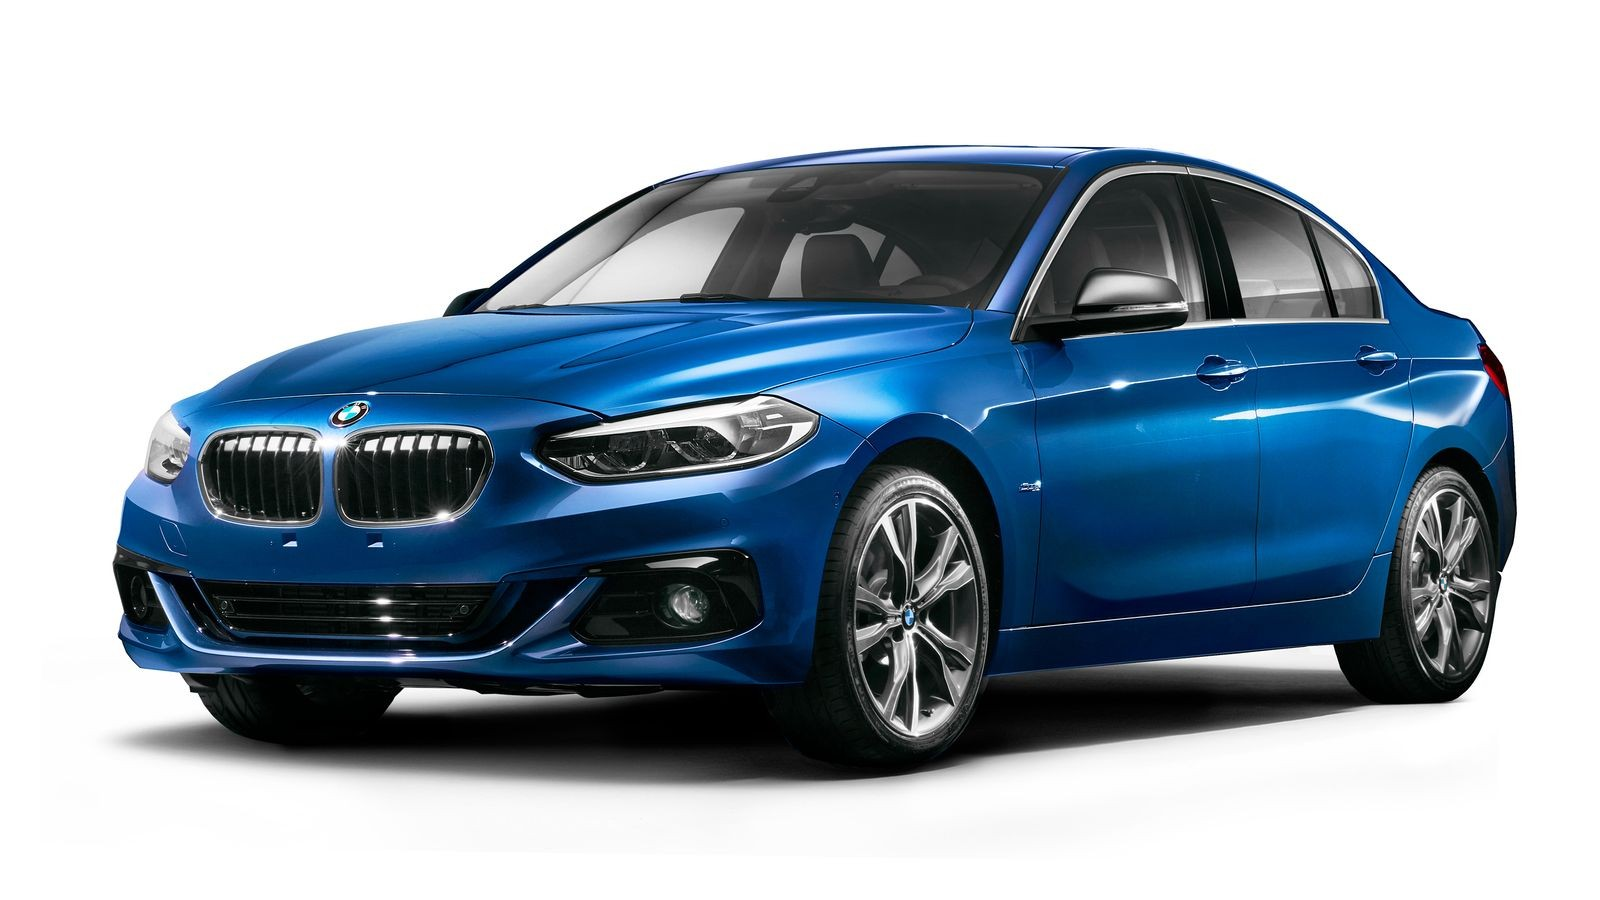 Переднеприводный седан BMW 1 серии – эксклюзивный продукт для китайского рынка.